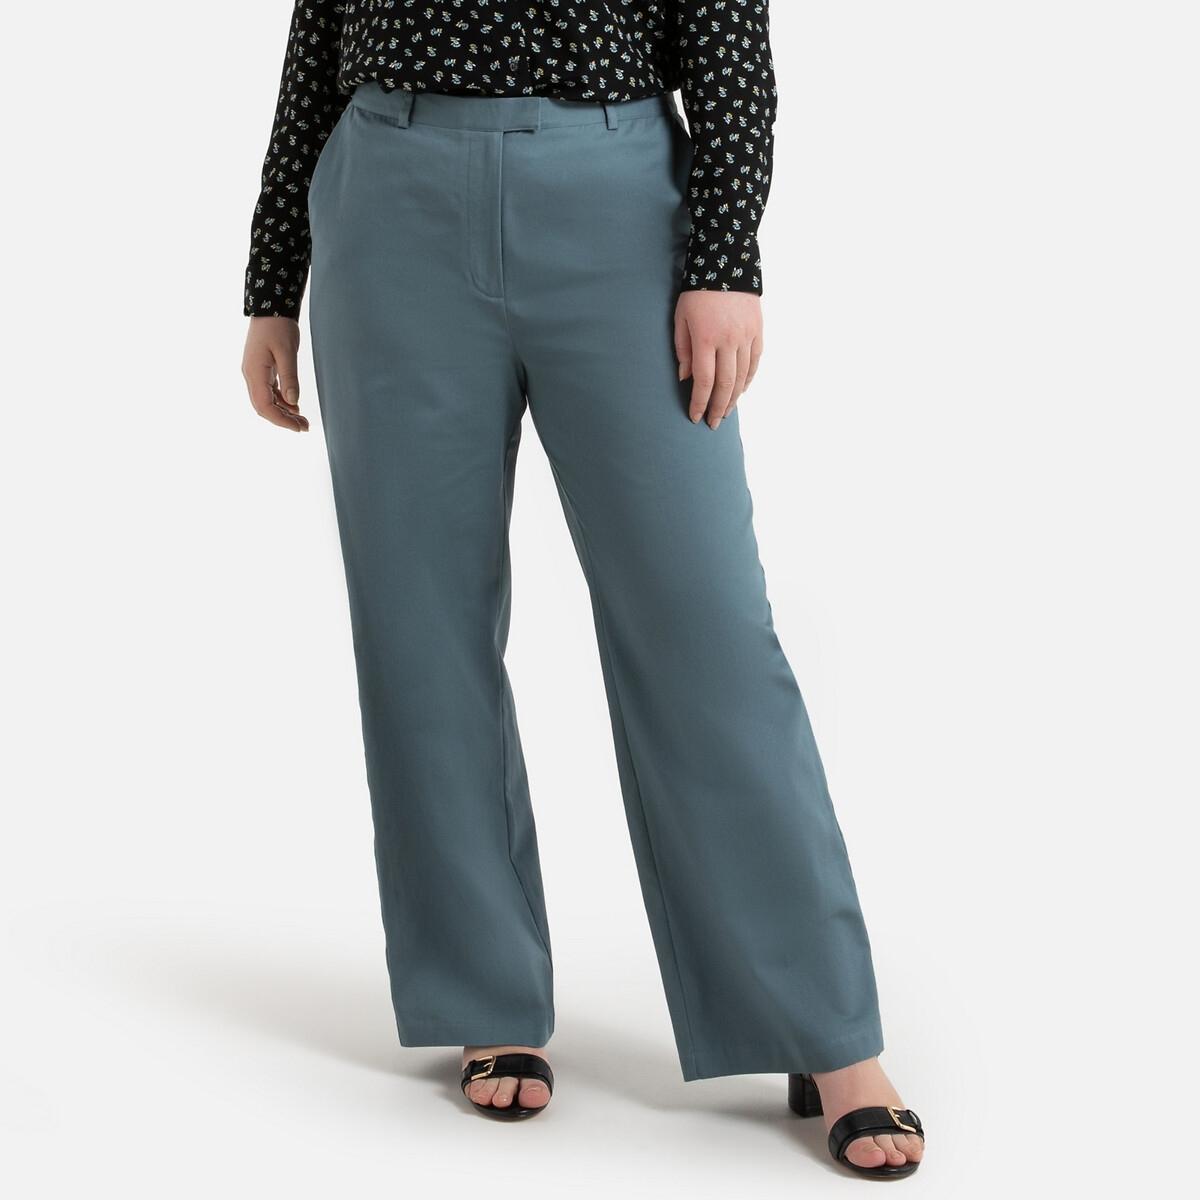 Брюки La Redoute Прямые широкие 48 (FR) - 54 (RUS) синий брюки la redoute веретенообразные из струящейся ткани 48 fr 54 rus синий